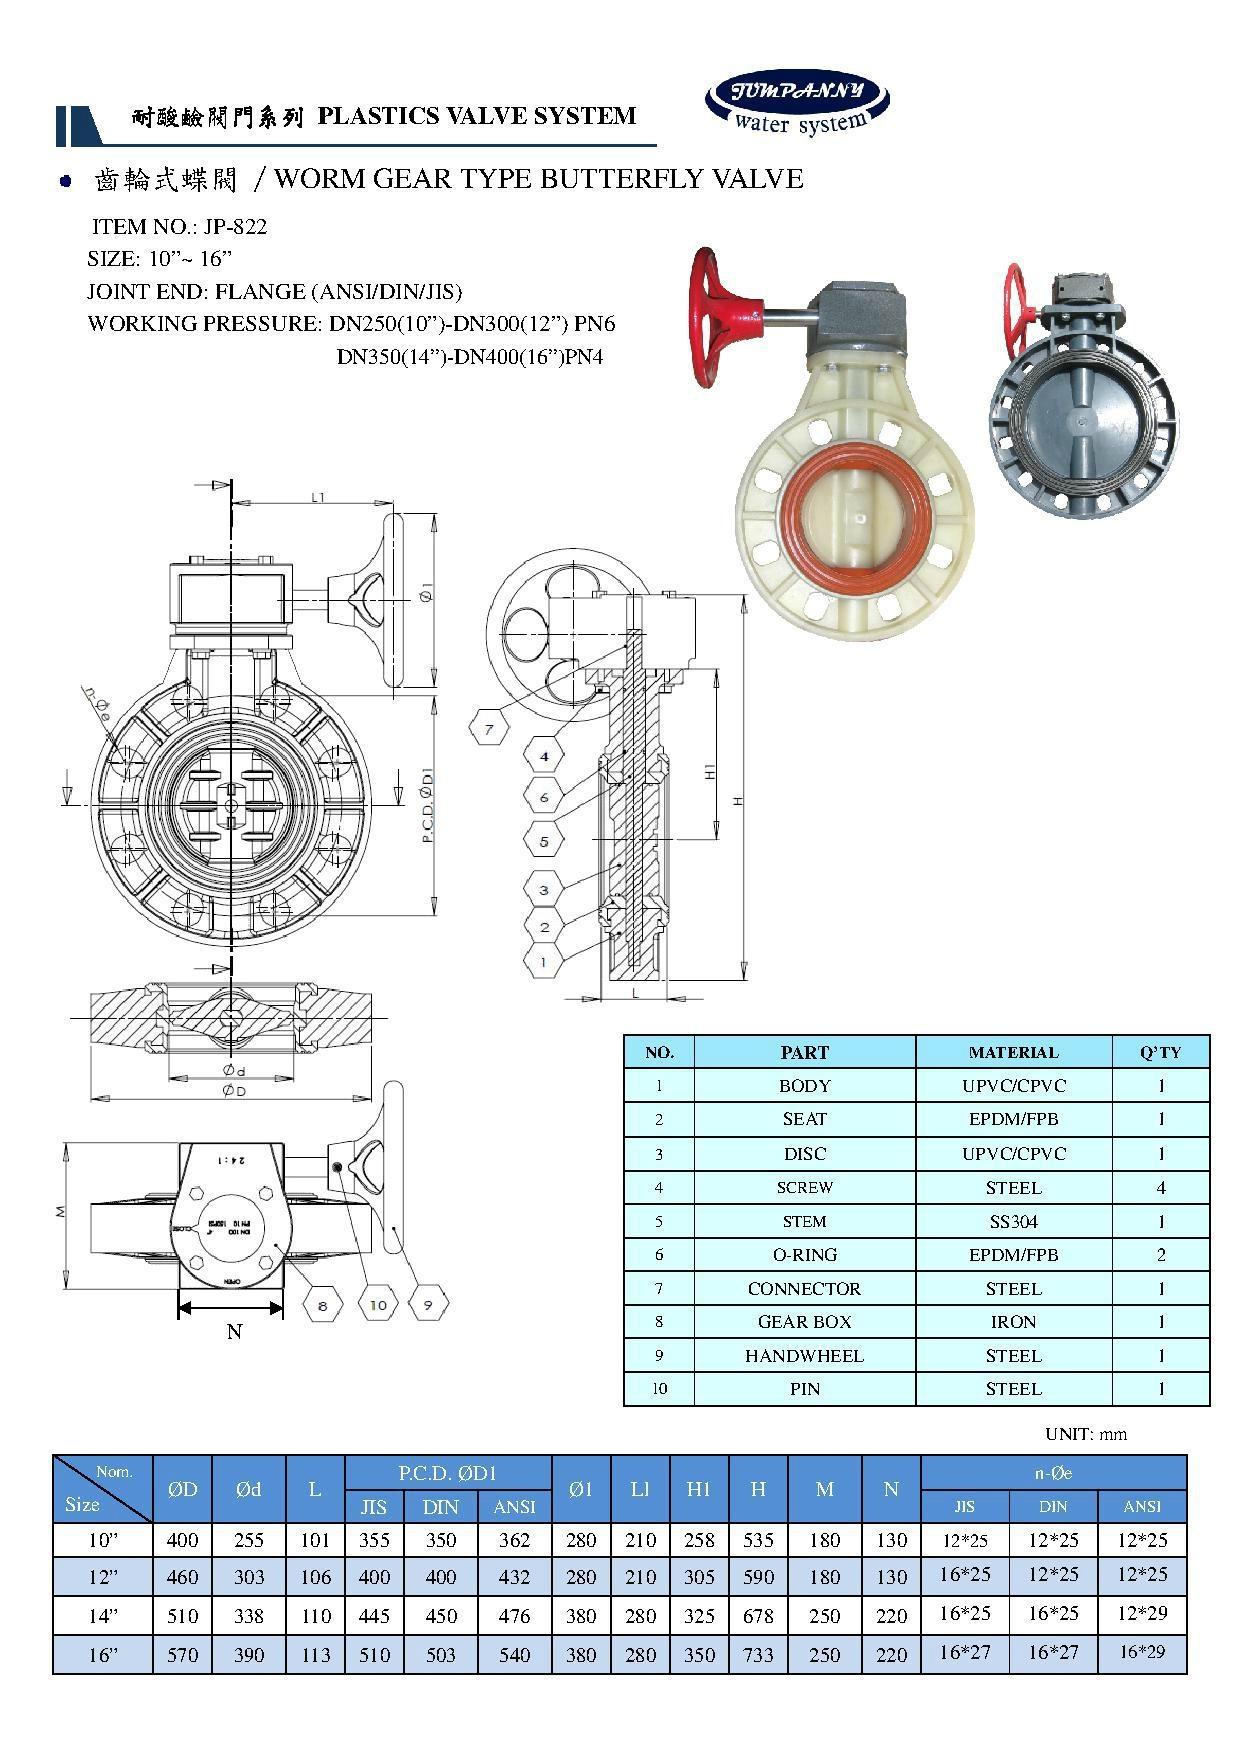 UPVC/CPVC BUTTERFLY VA  E(Chemical resistance) 3